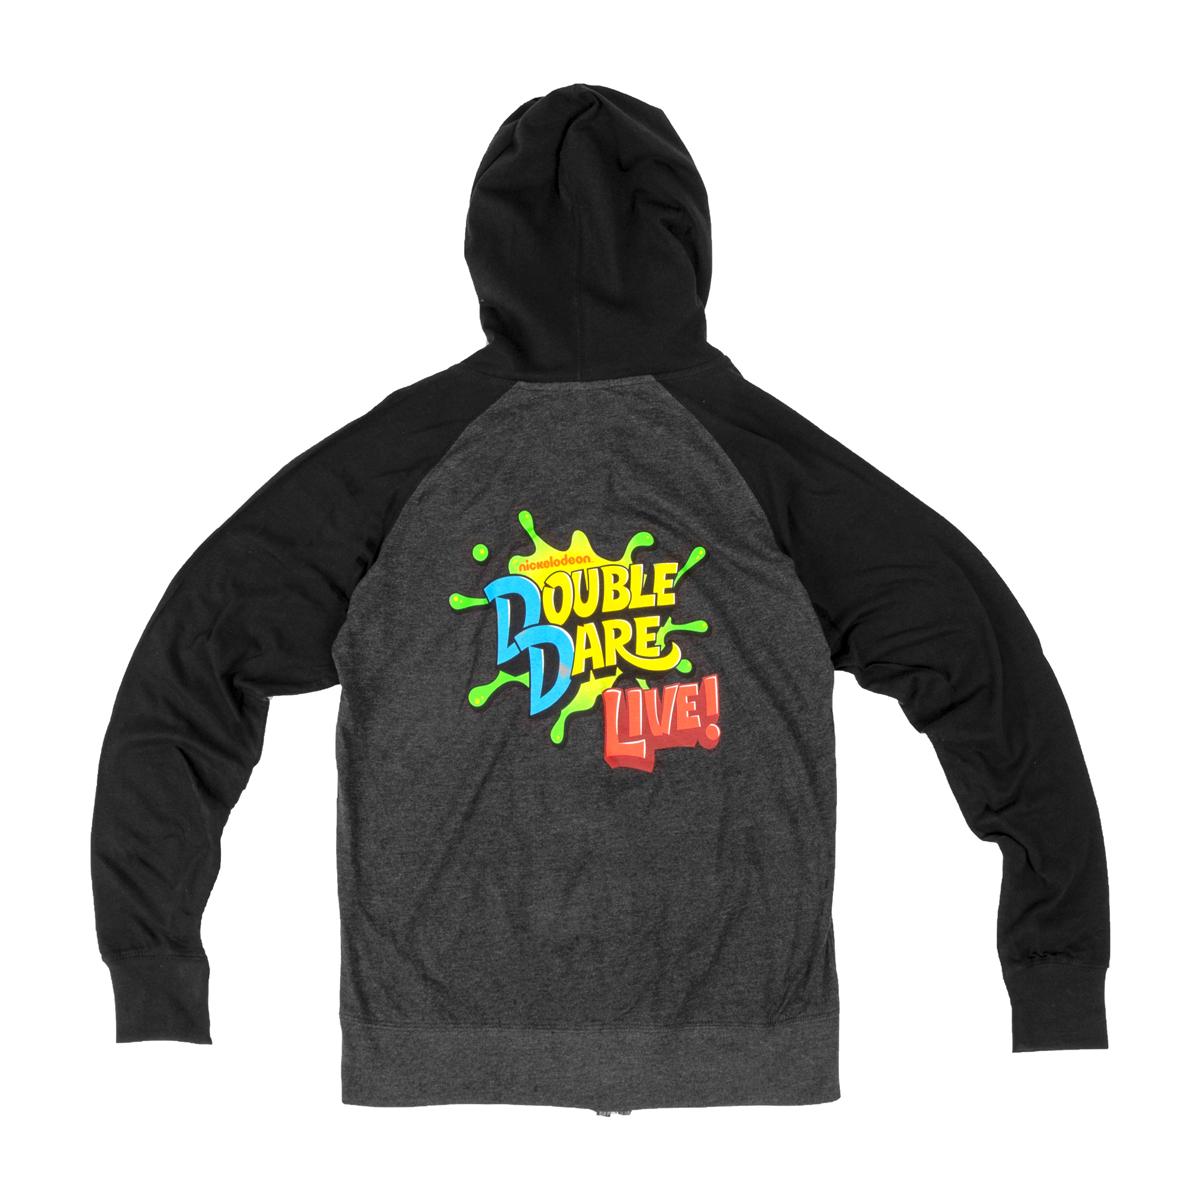 Double Dare Live Zip Hoodie - Charcoal & Black